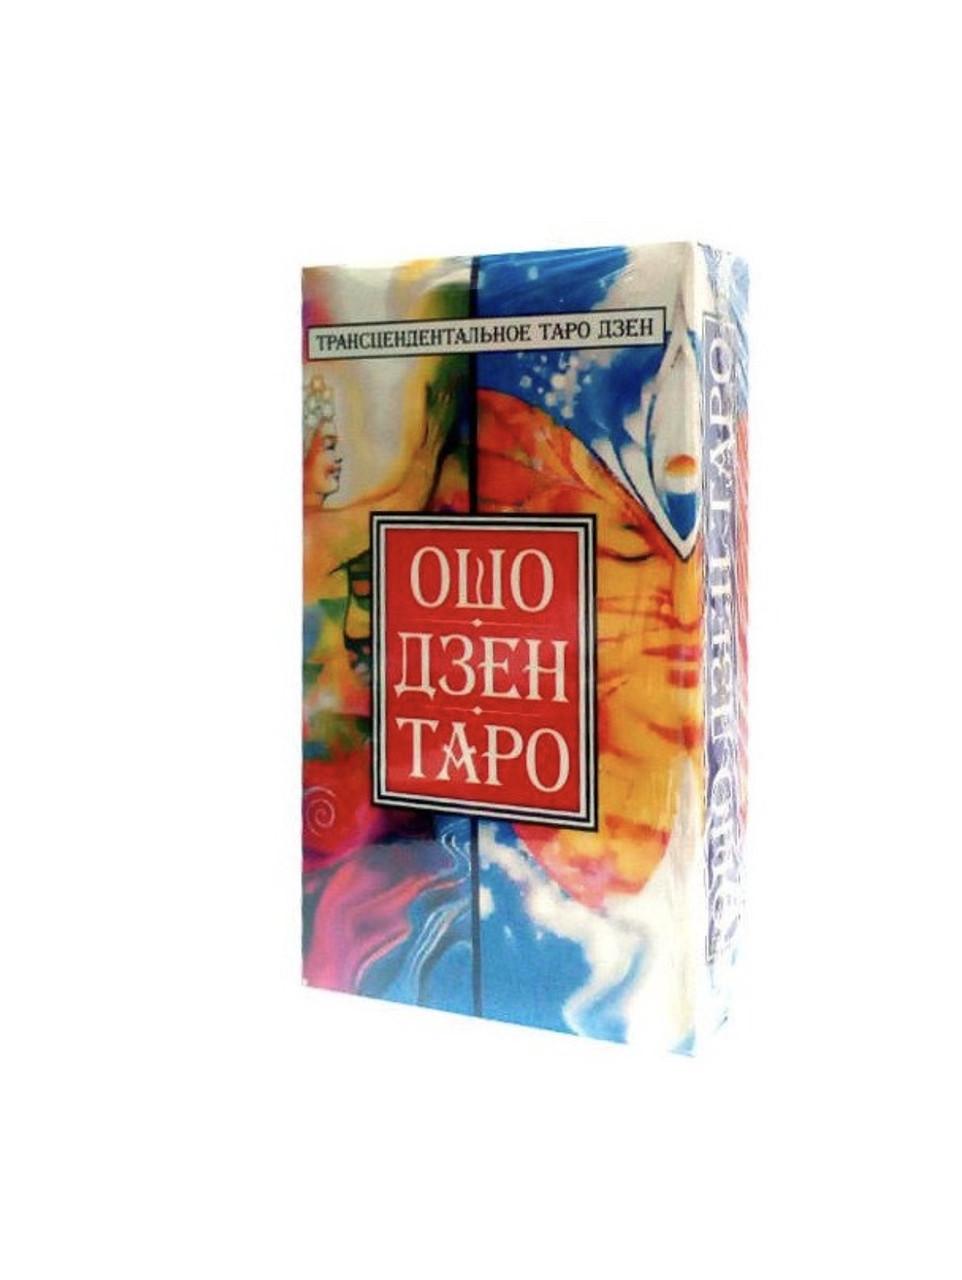 Карты Таро ОШО ДЗЕН ТАРО трансцендентальное Таро Дзен